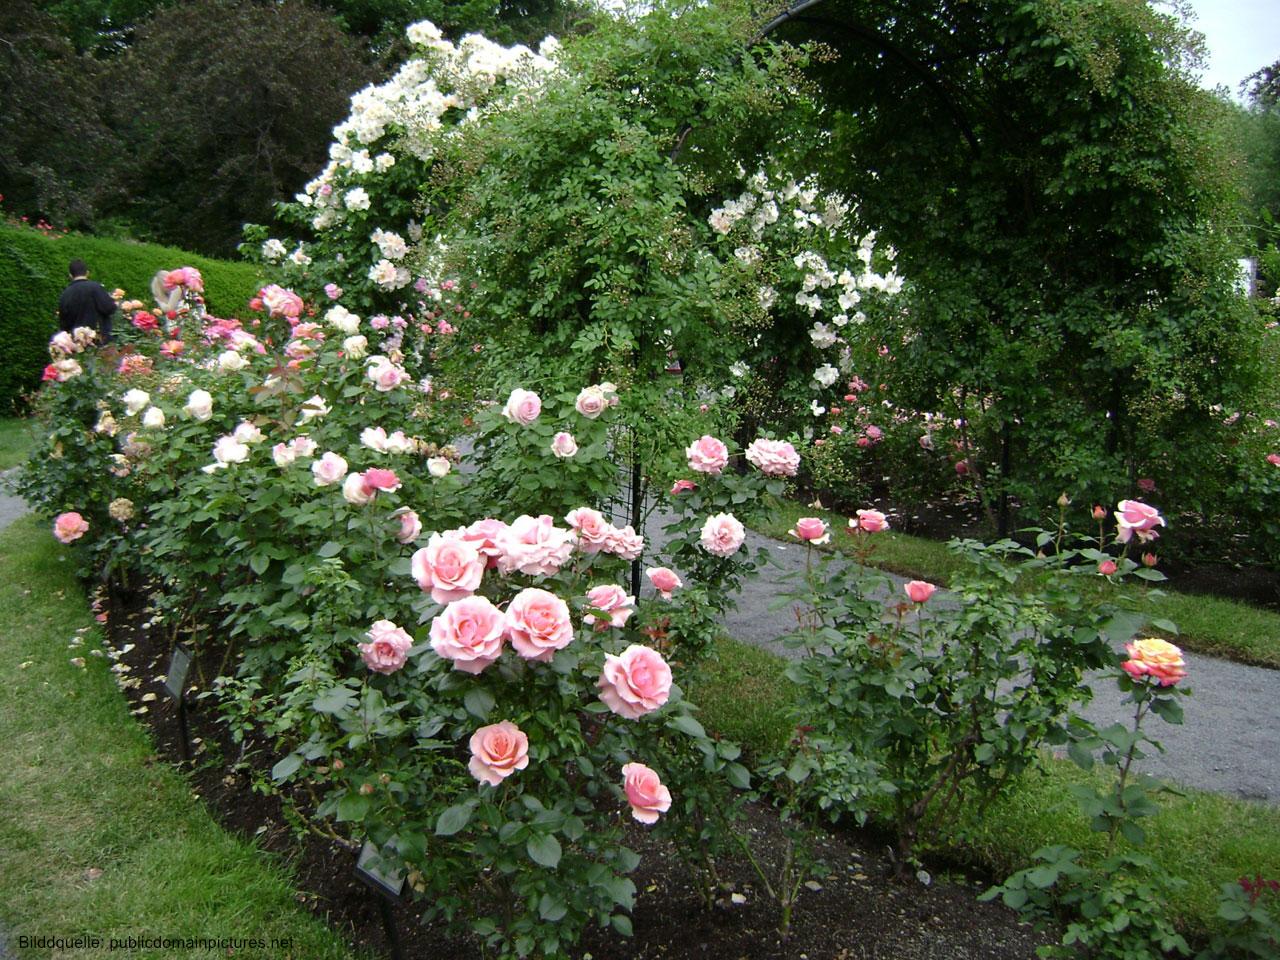 Rosen blühen prächtig, Rosen vermehren